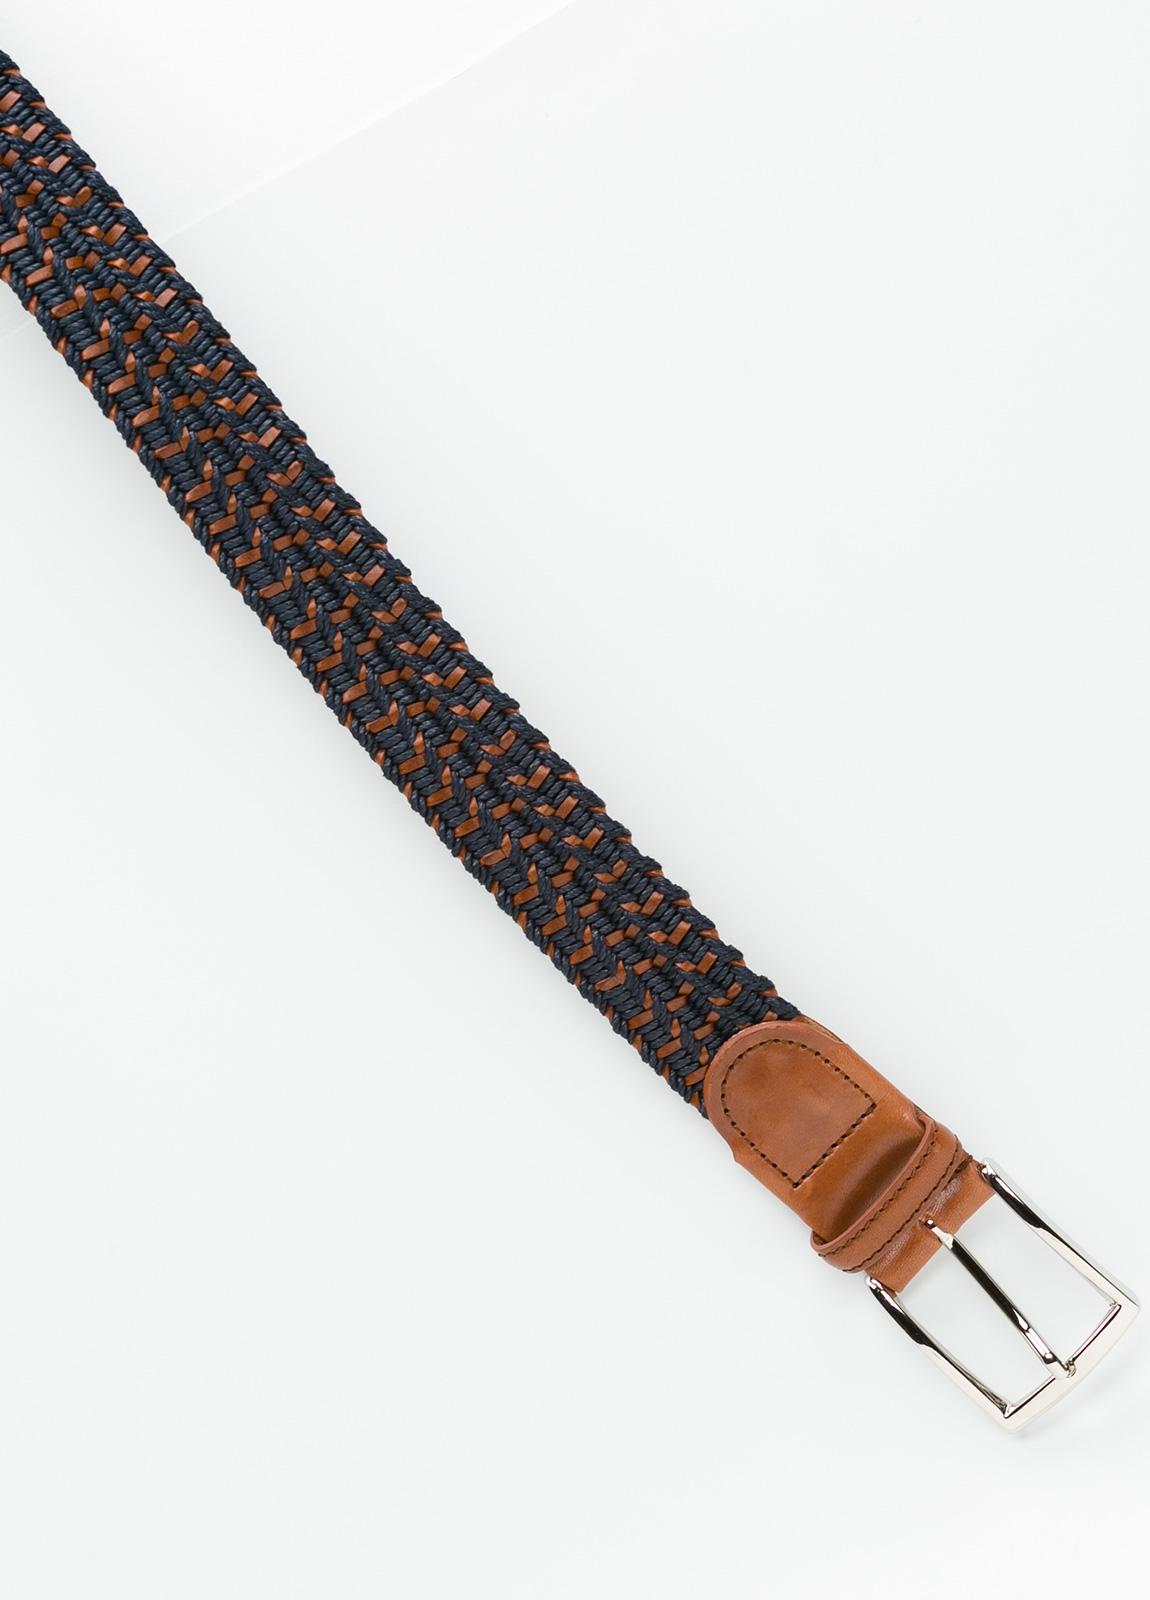 Cinturón Sport trenzado color azul marino. Piel y algodón. - Ítem1